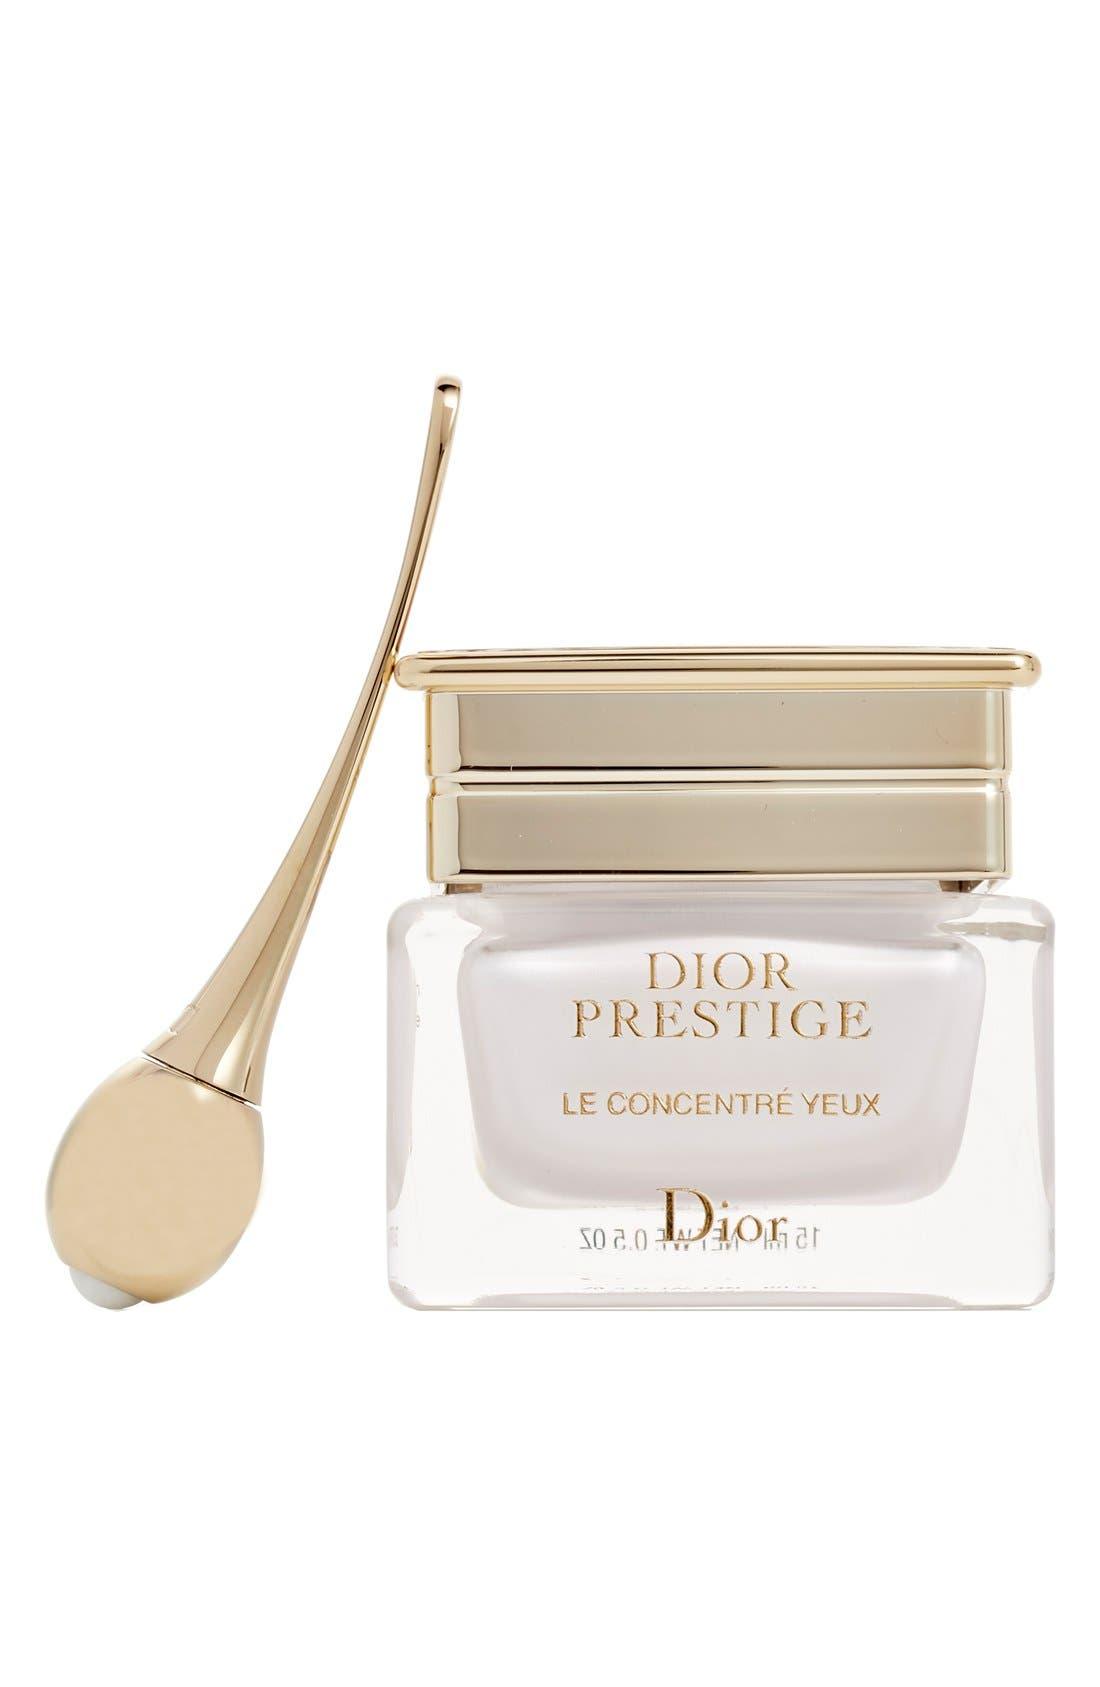 Dior 'Prestige' Le Concentré Yeux